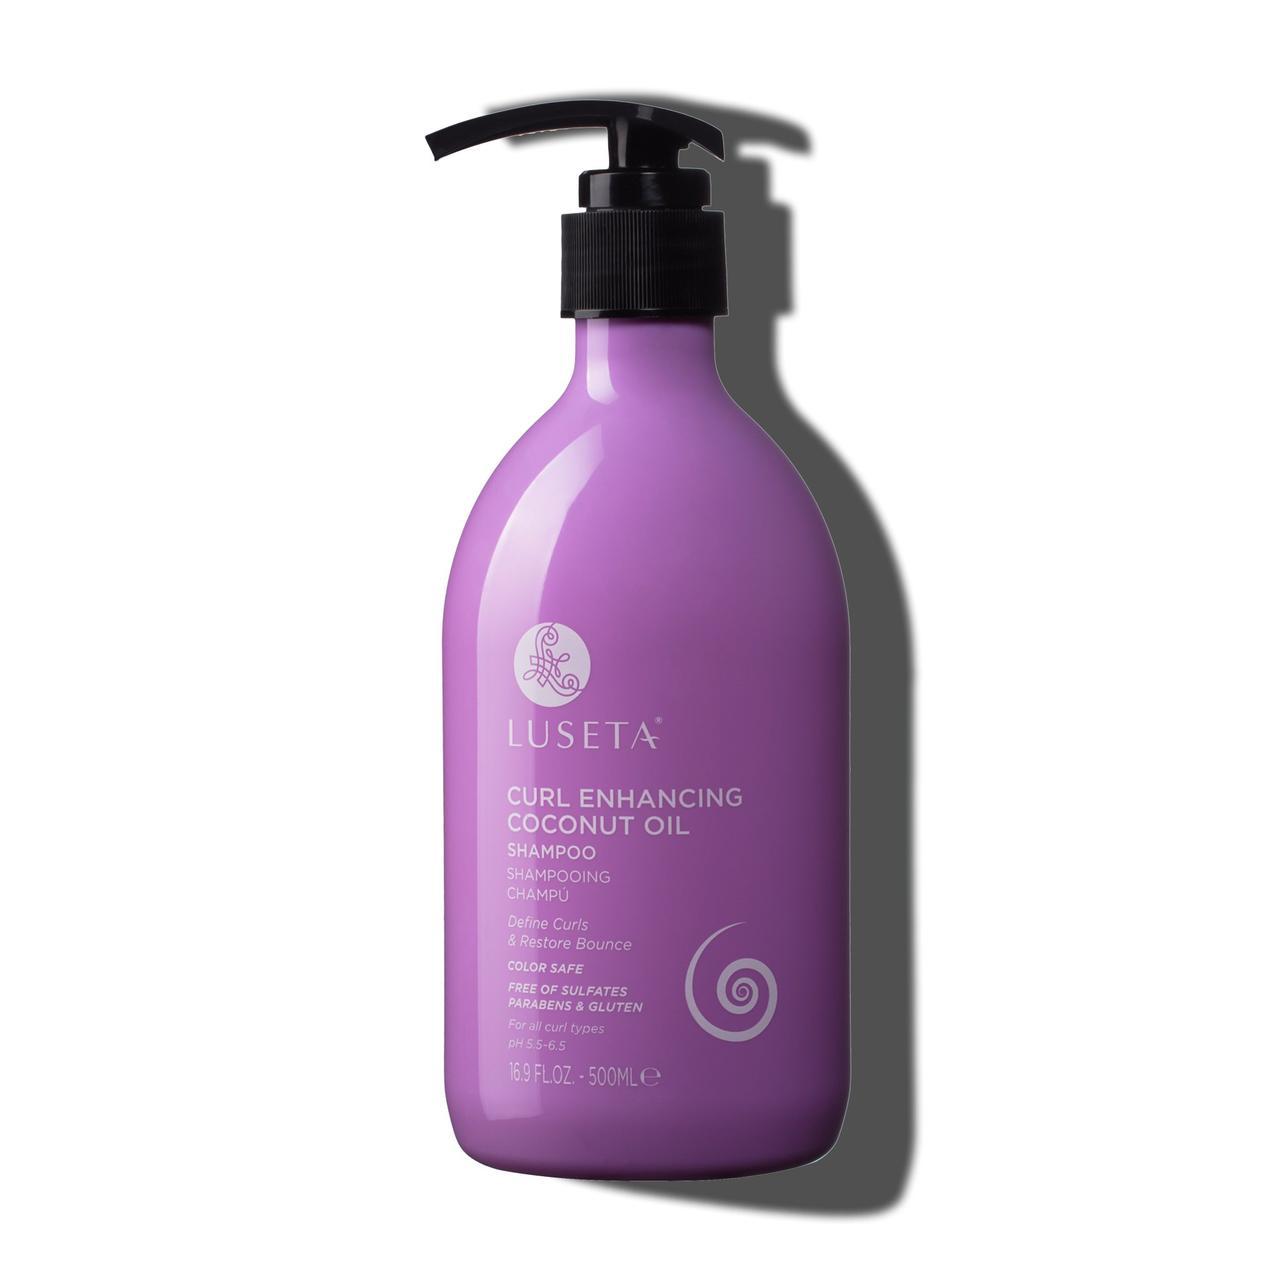 Шампунь для кучерявого волосся Luseta Curl Enhancing Coconut Oil Shampoo 500 ml